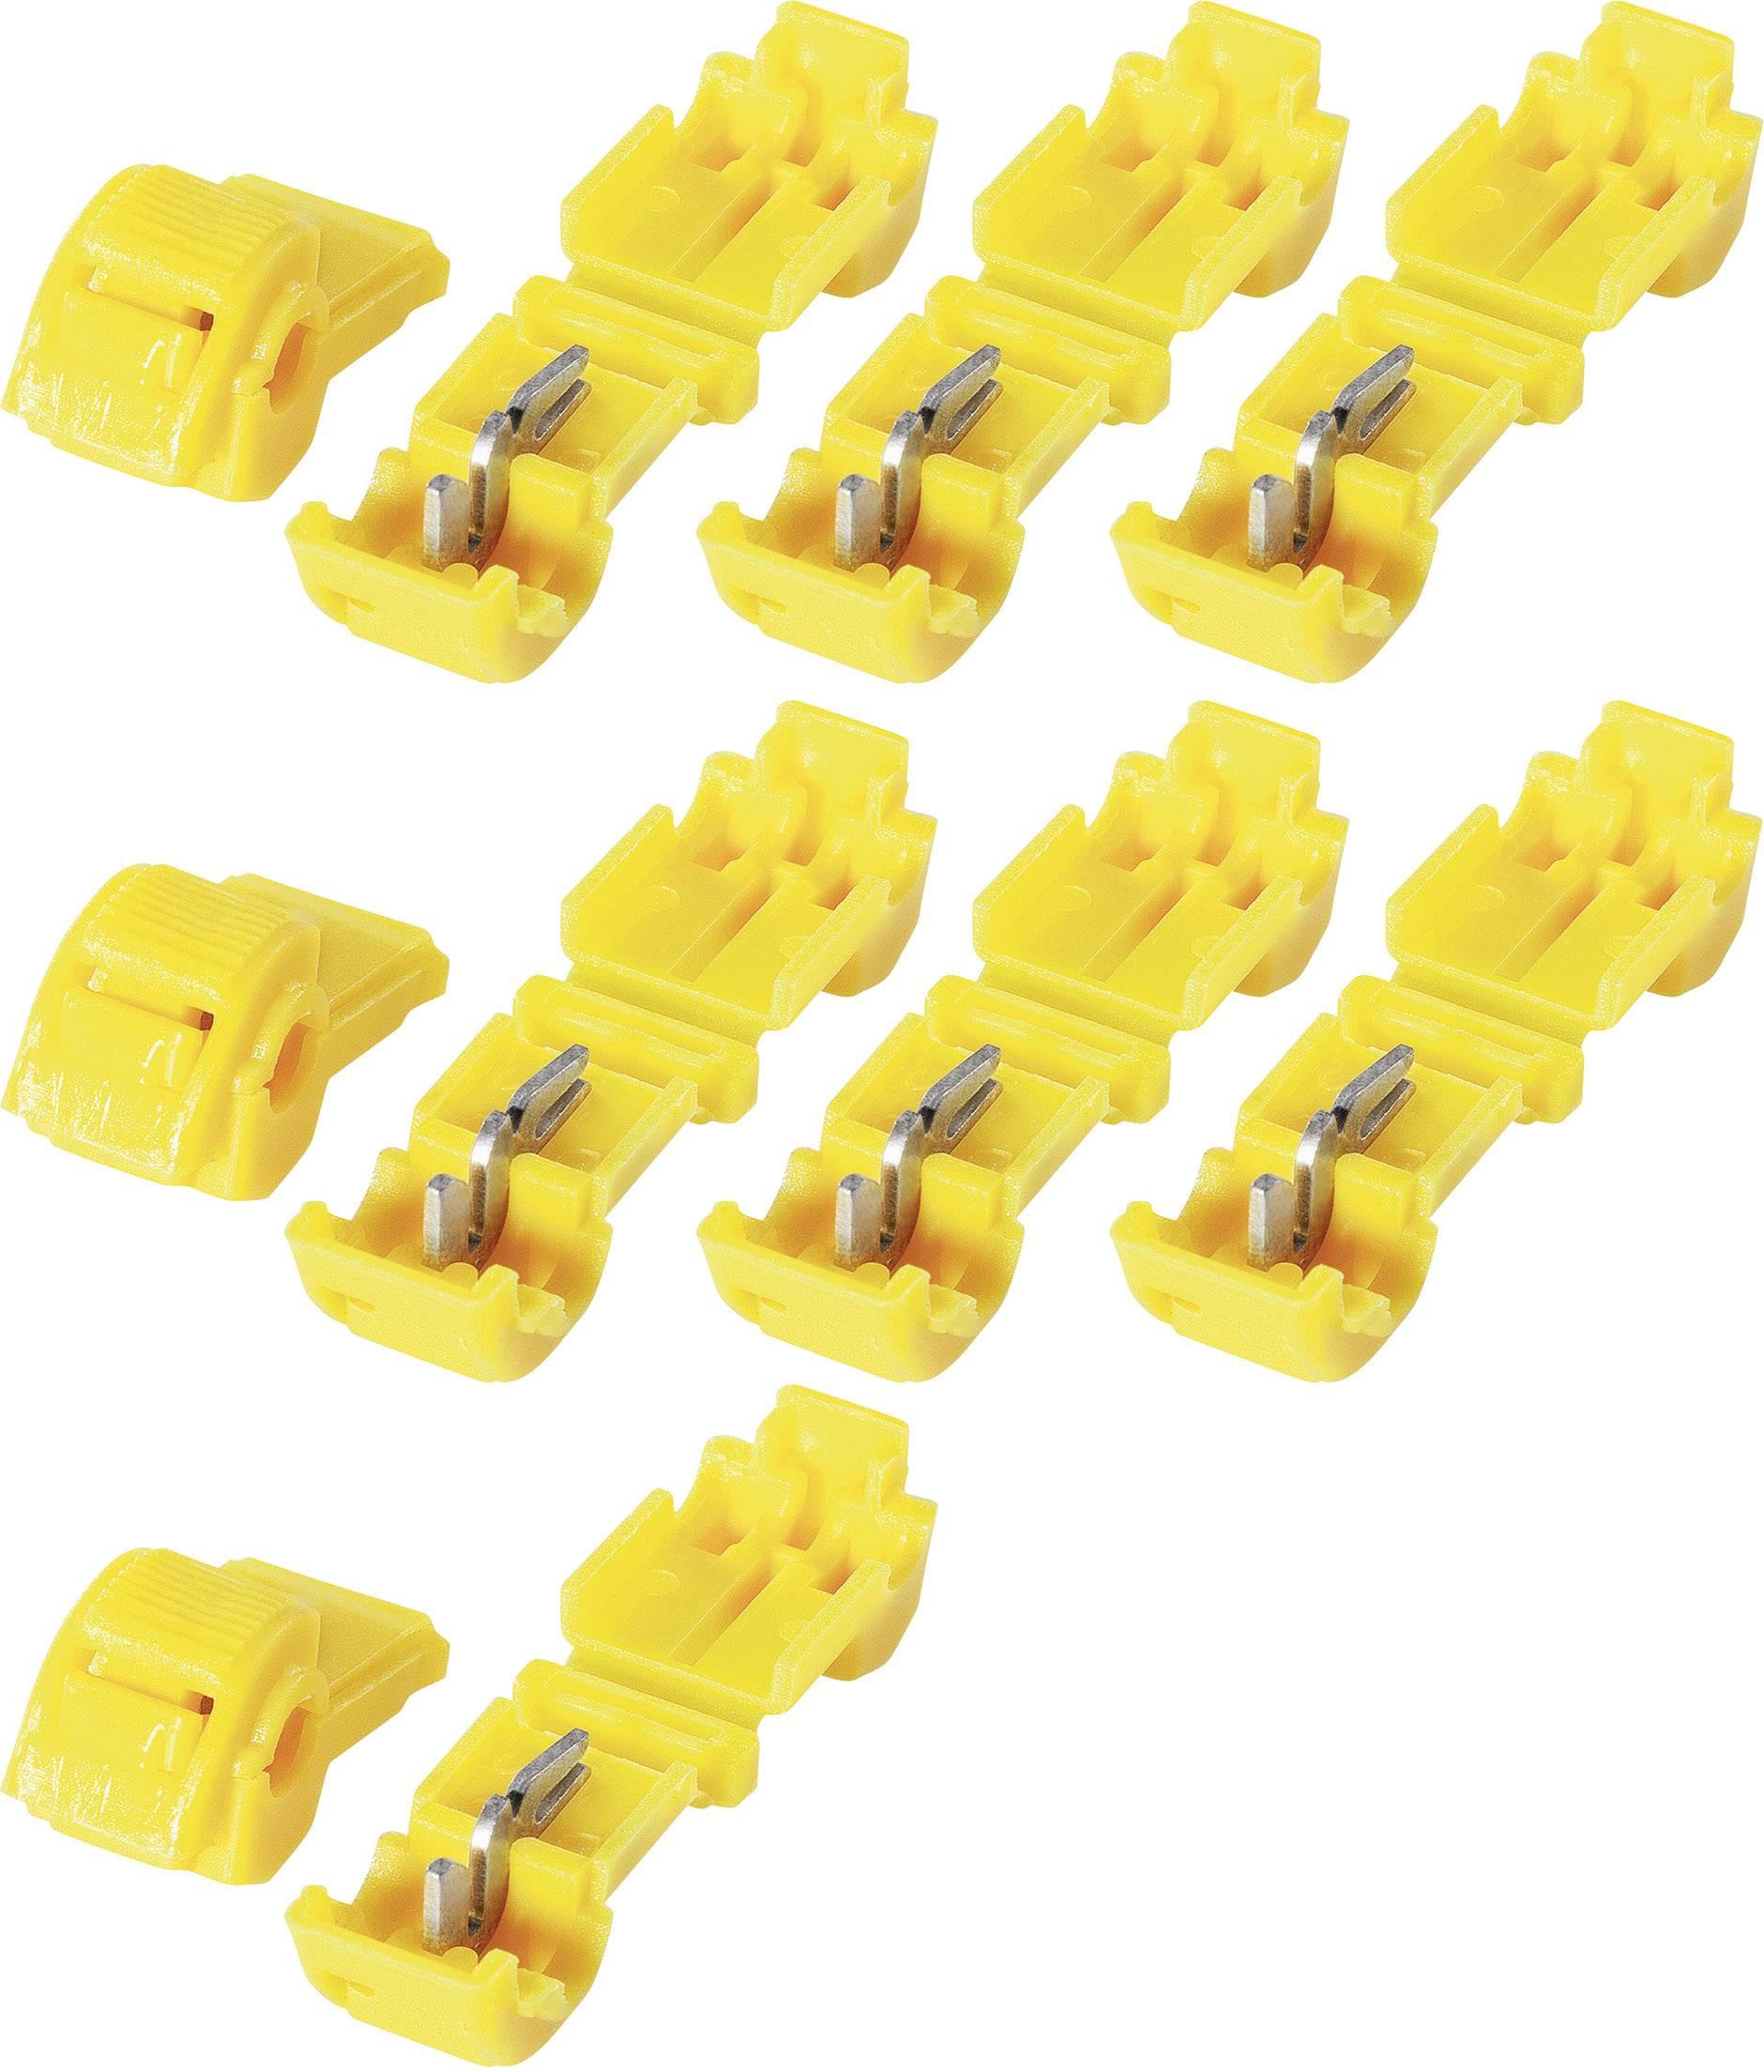 Sada spojok KVA 6, 3.250.041, 6,3 mm, 4 - 6 mm², žltá, 10 ks